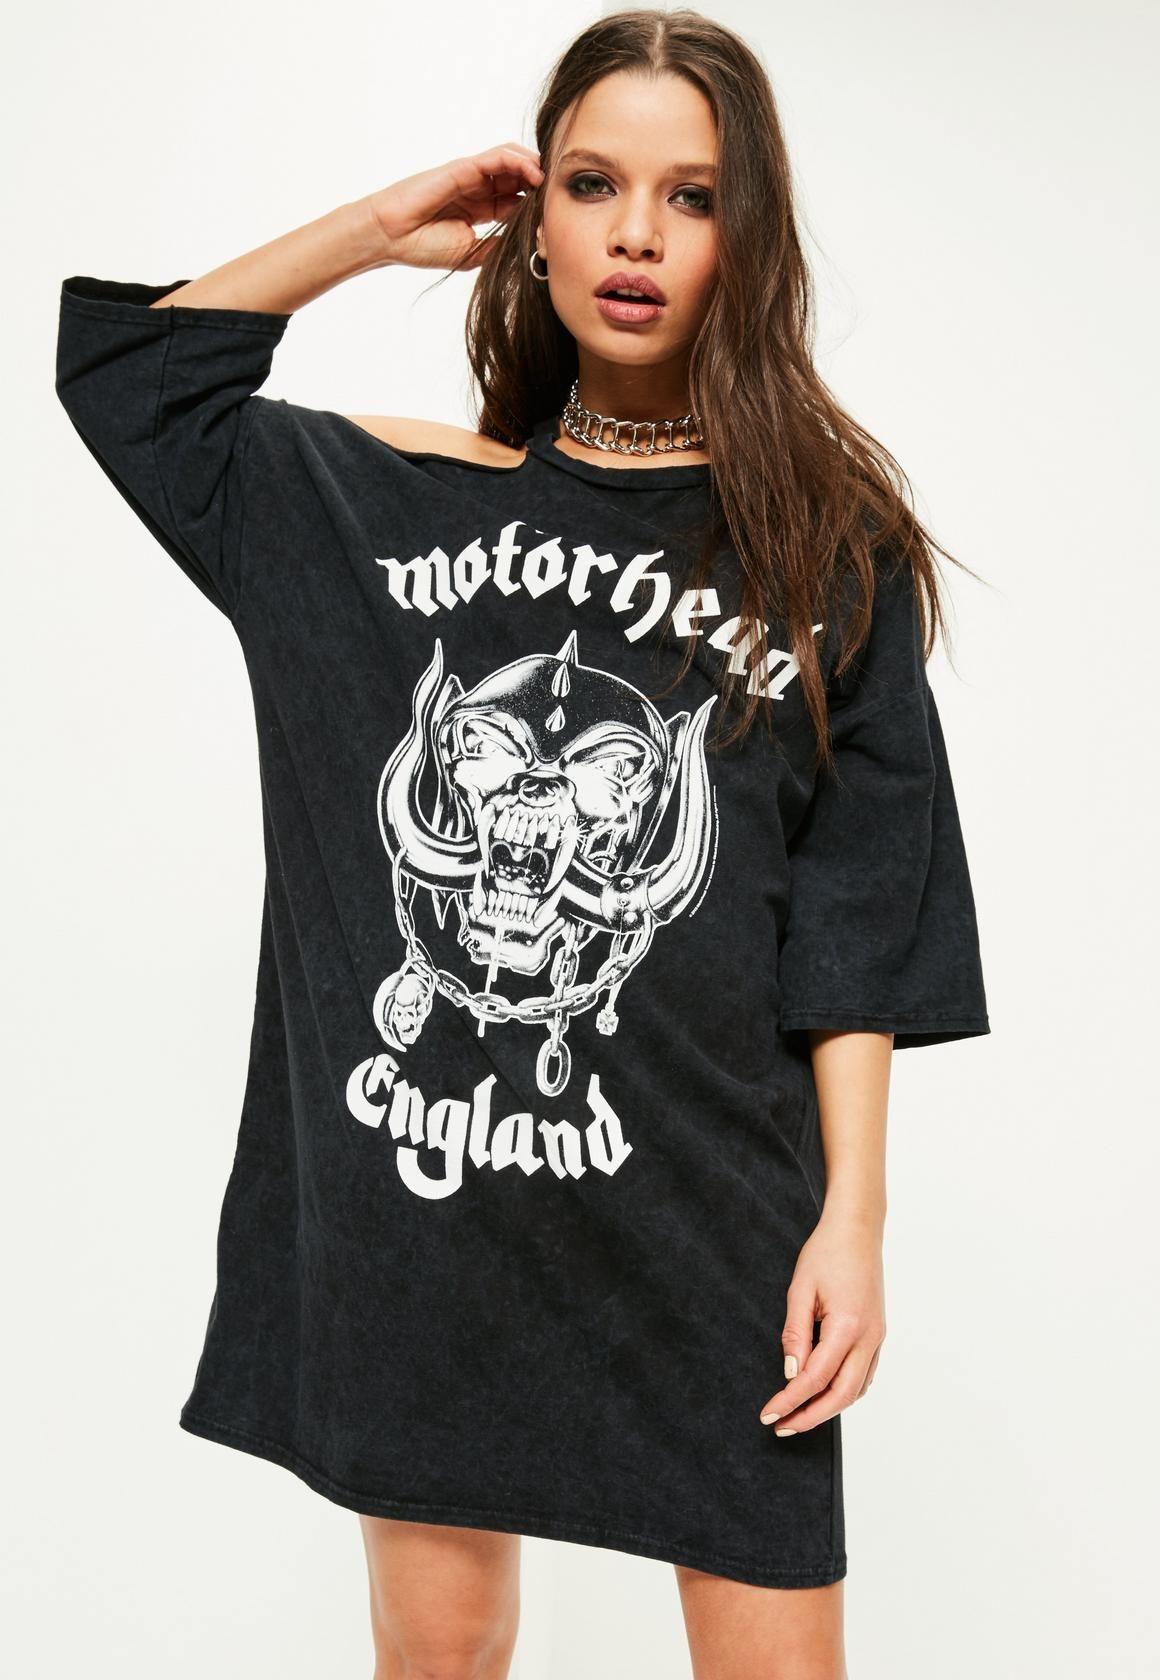 Black t shirt jersey dress - Black Black Motorhead Wash T Shirt Dress